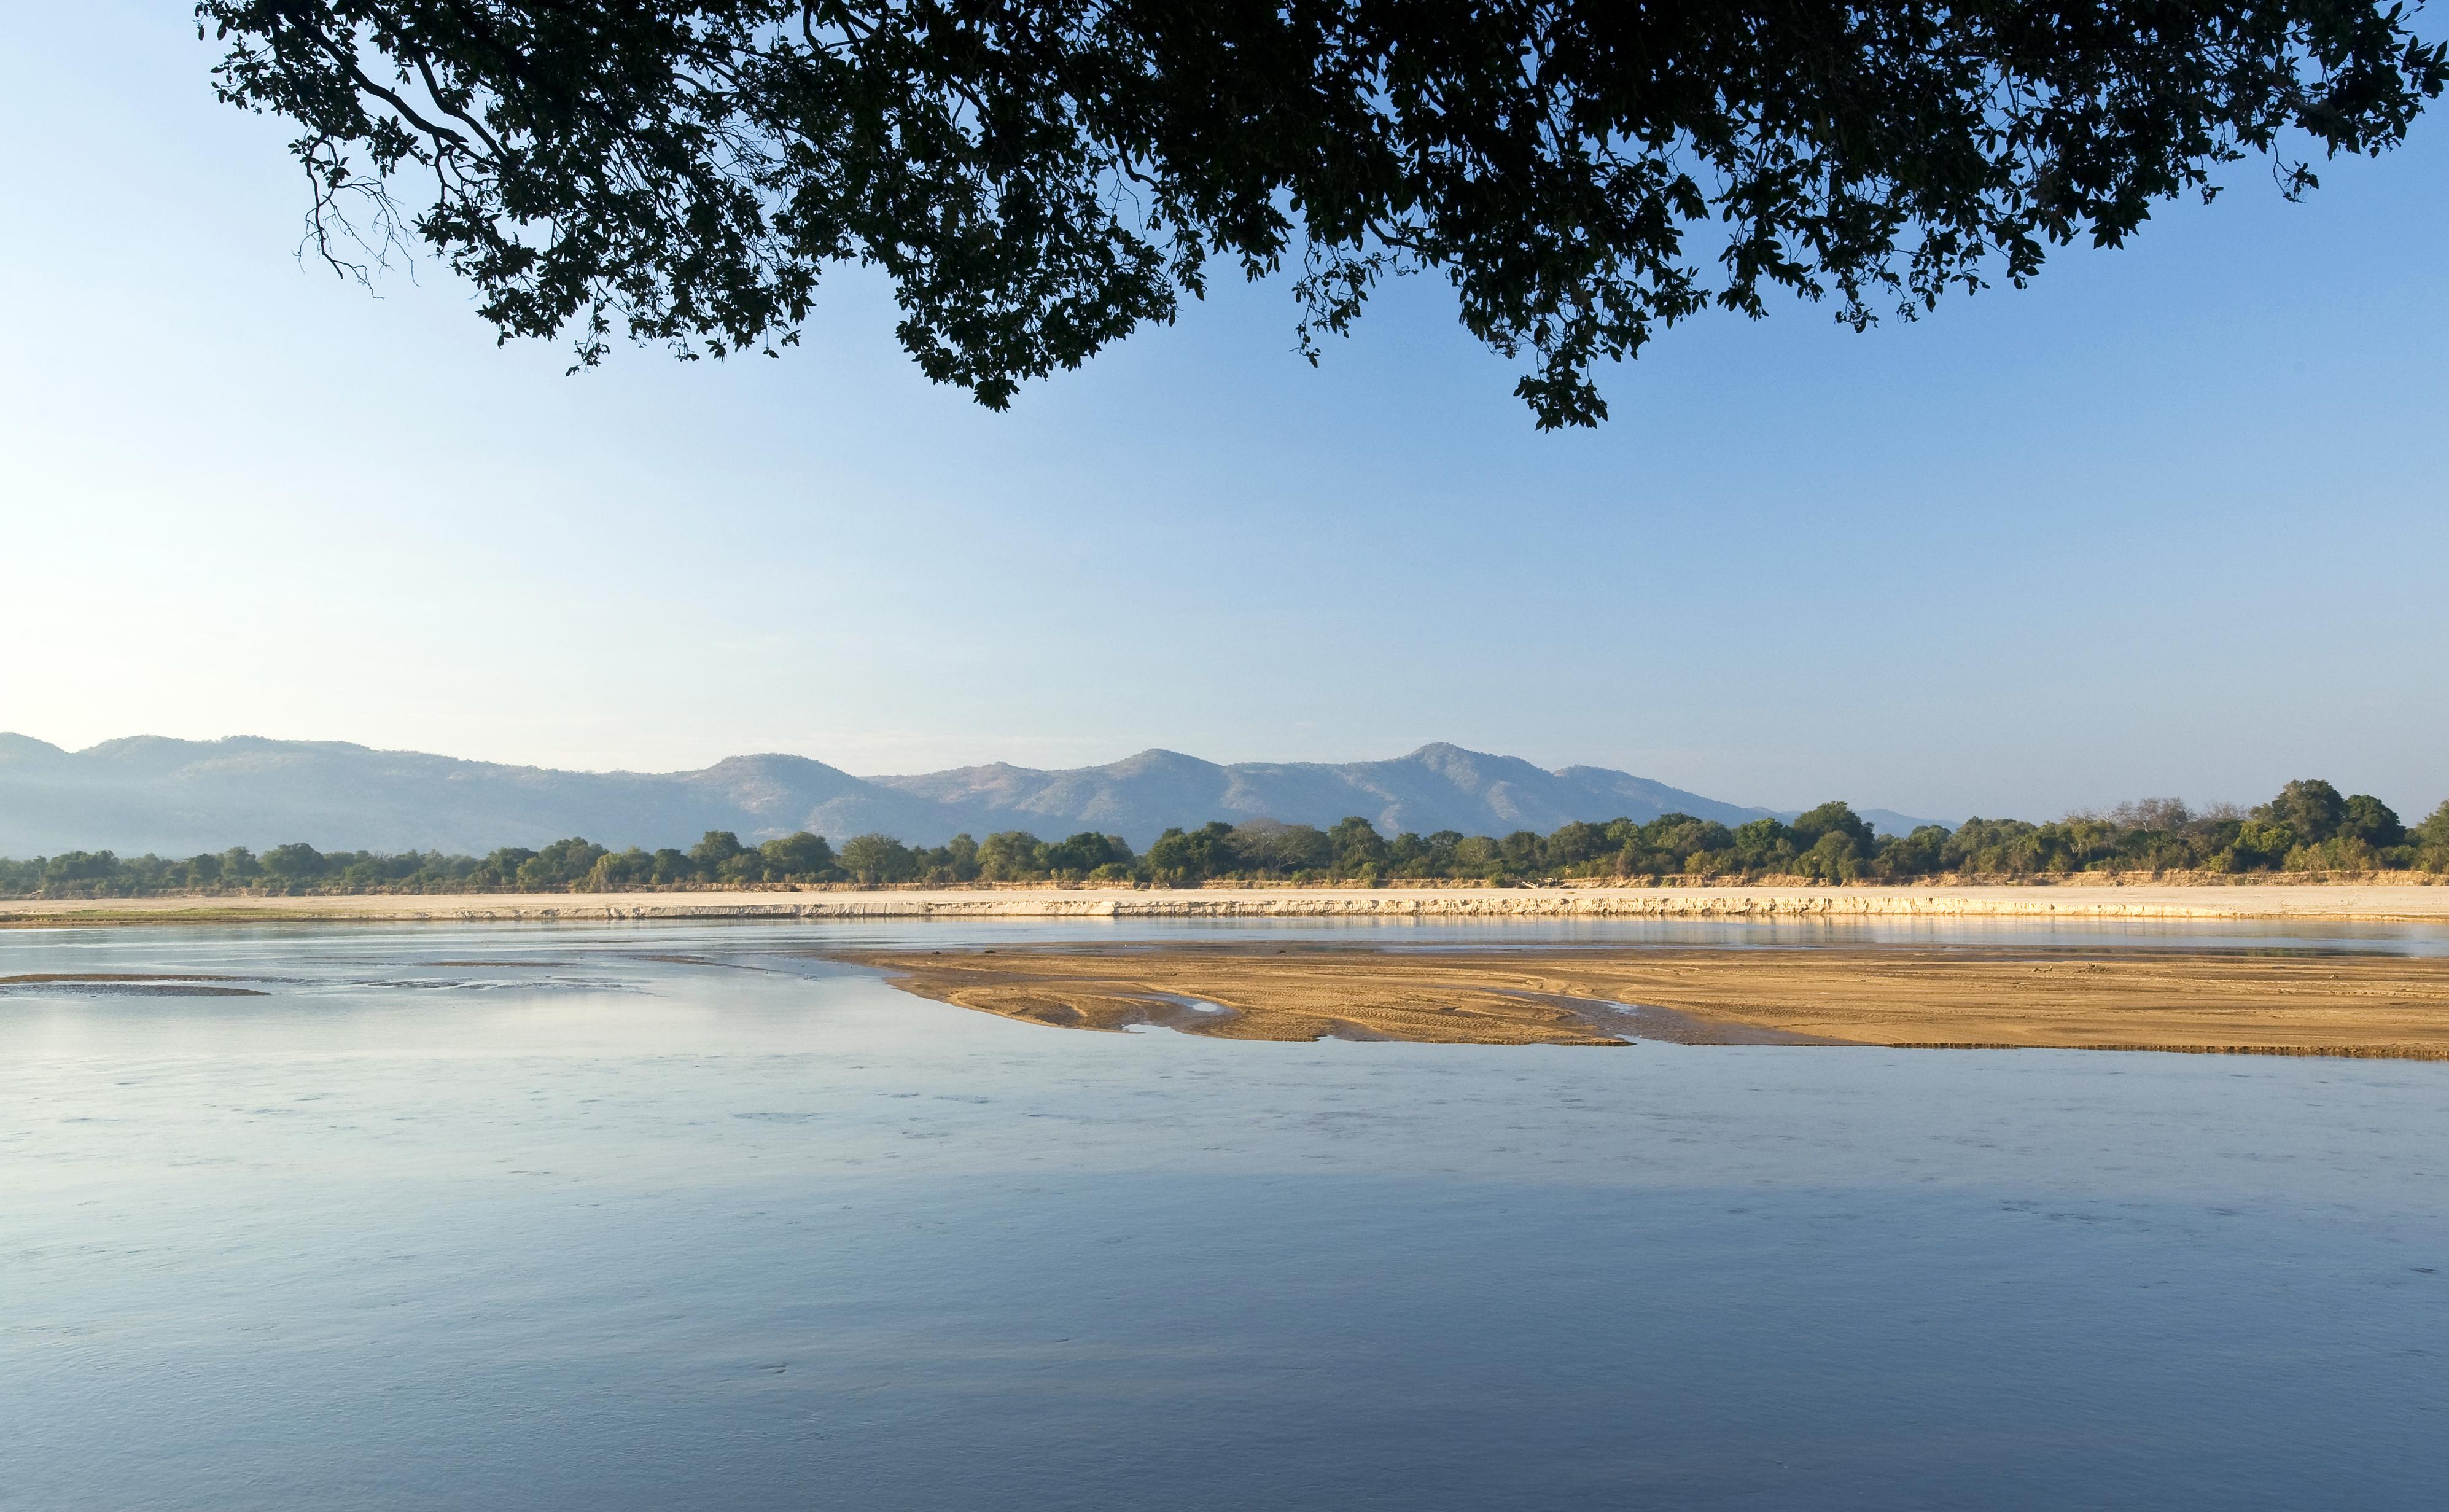 Chamilandu Camp Zambia Landscape